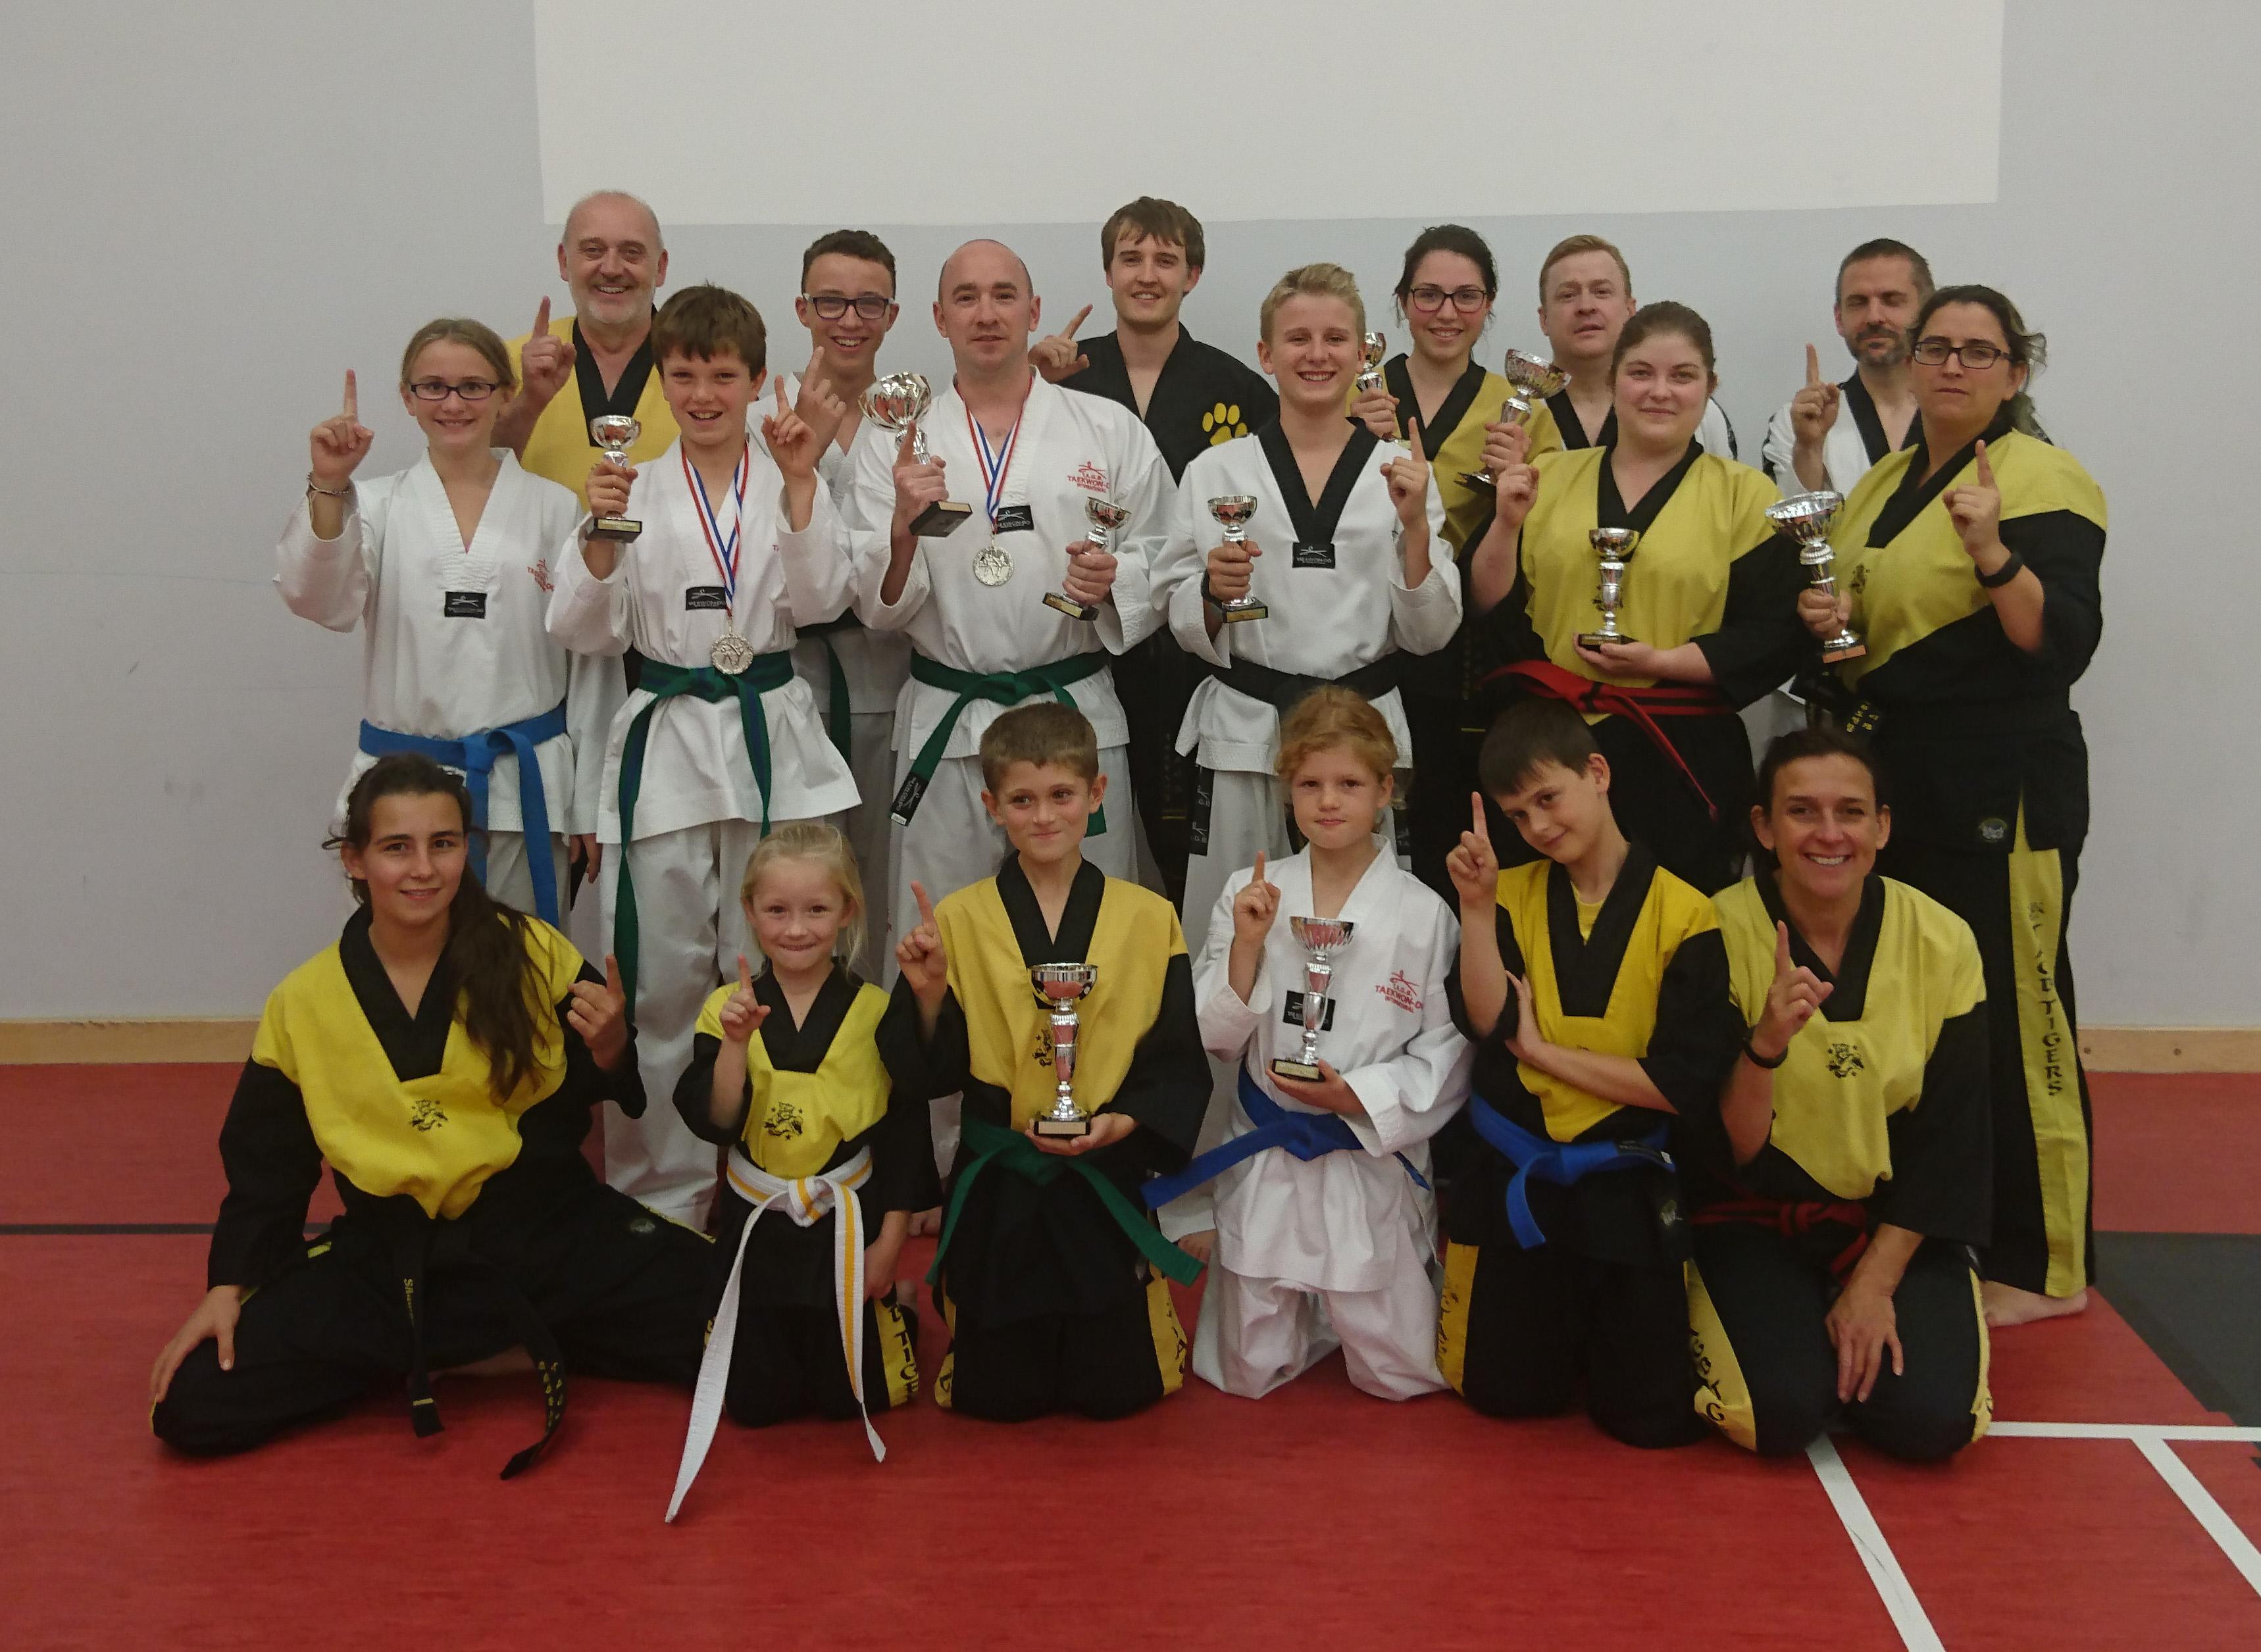 tagb southern championships martialarts4fun tae kwon do